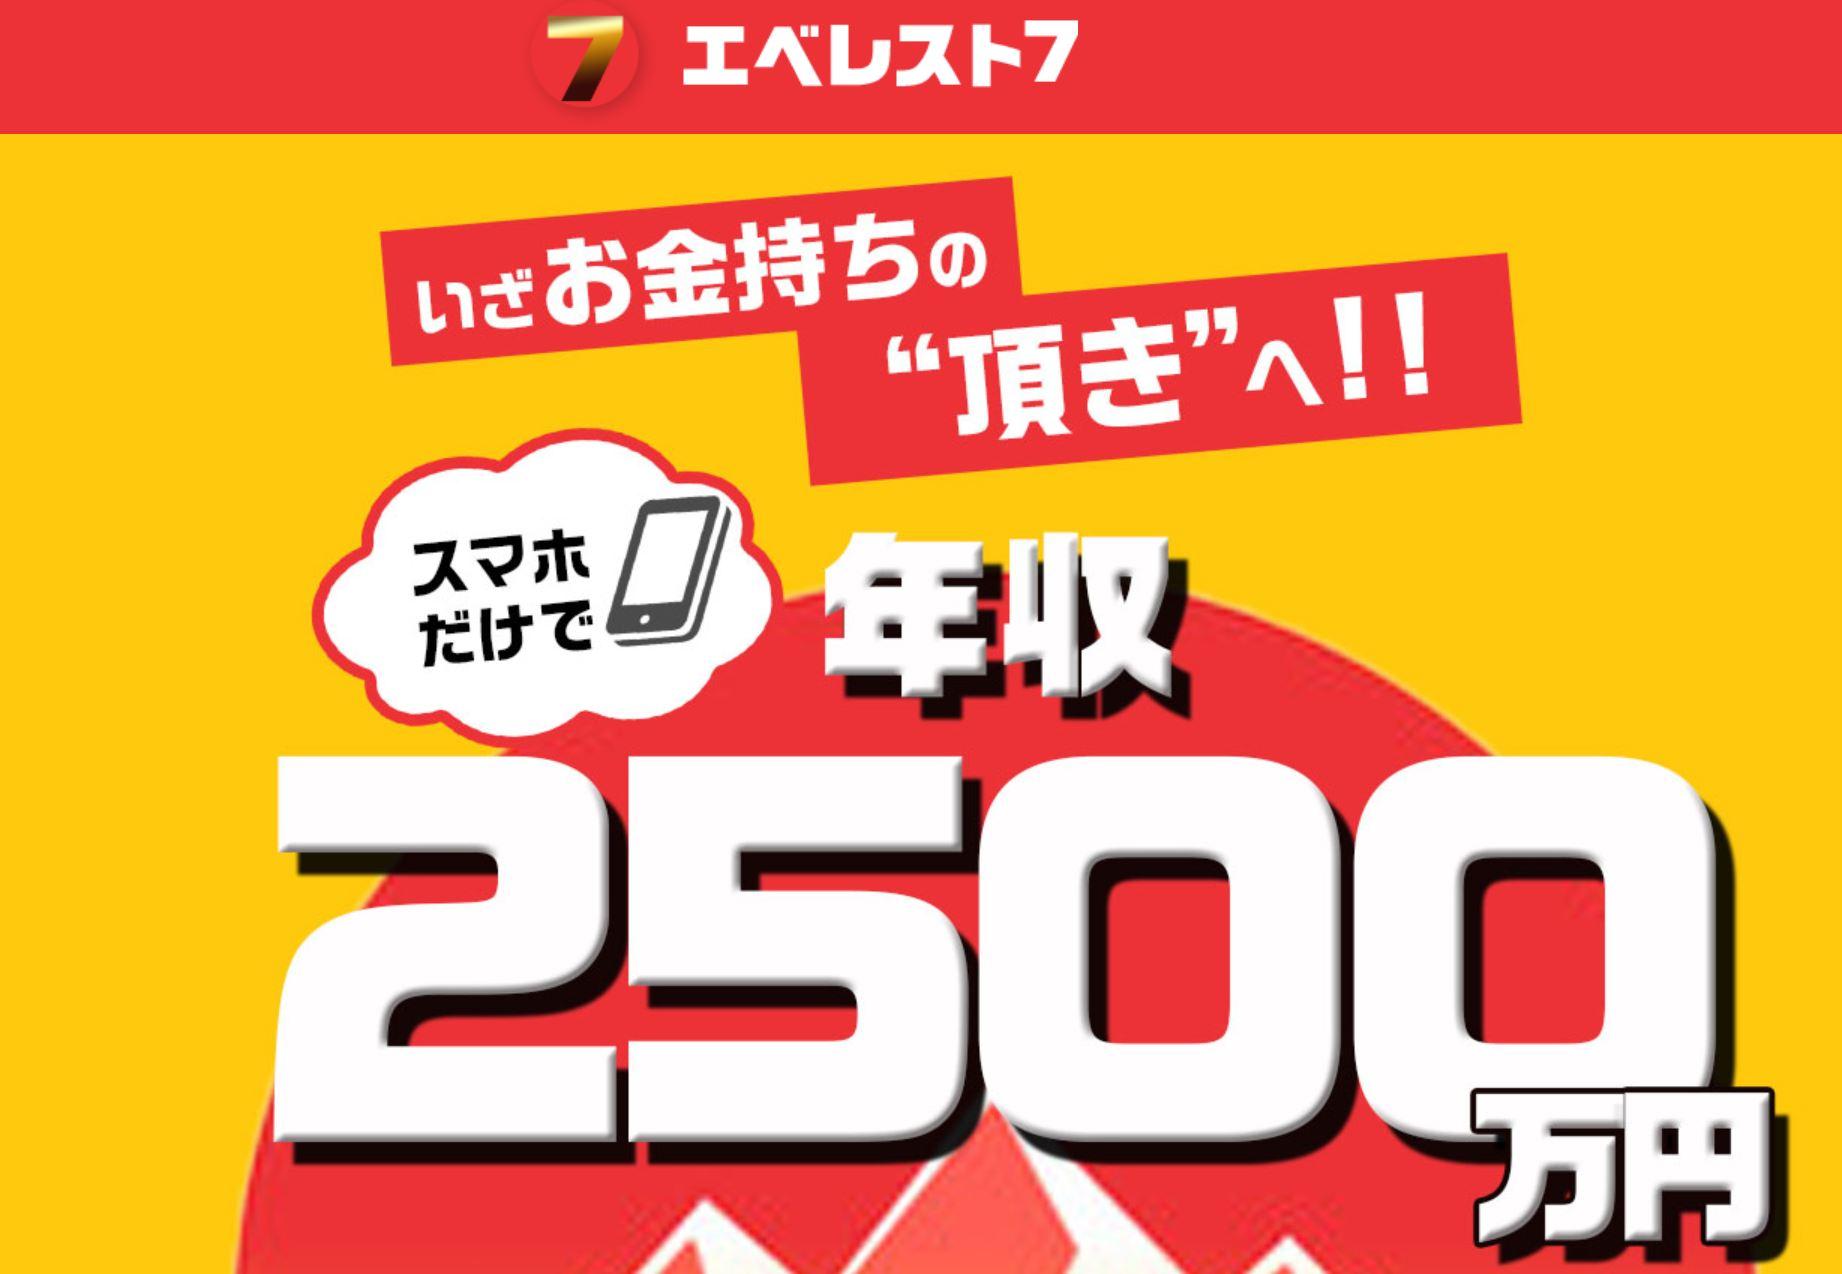 太田麻里奈 エベレスト7で年収2500万は稼げない?利用者は素材画像